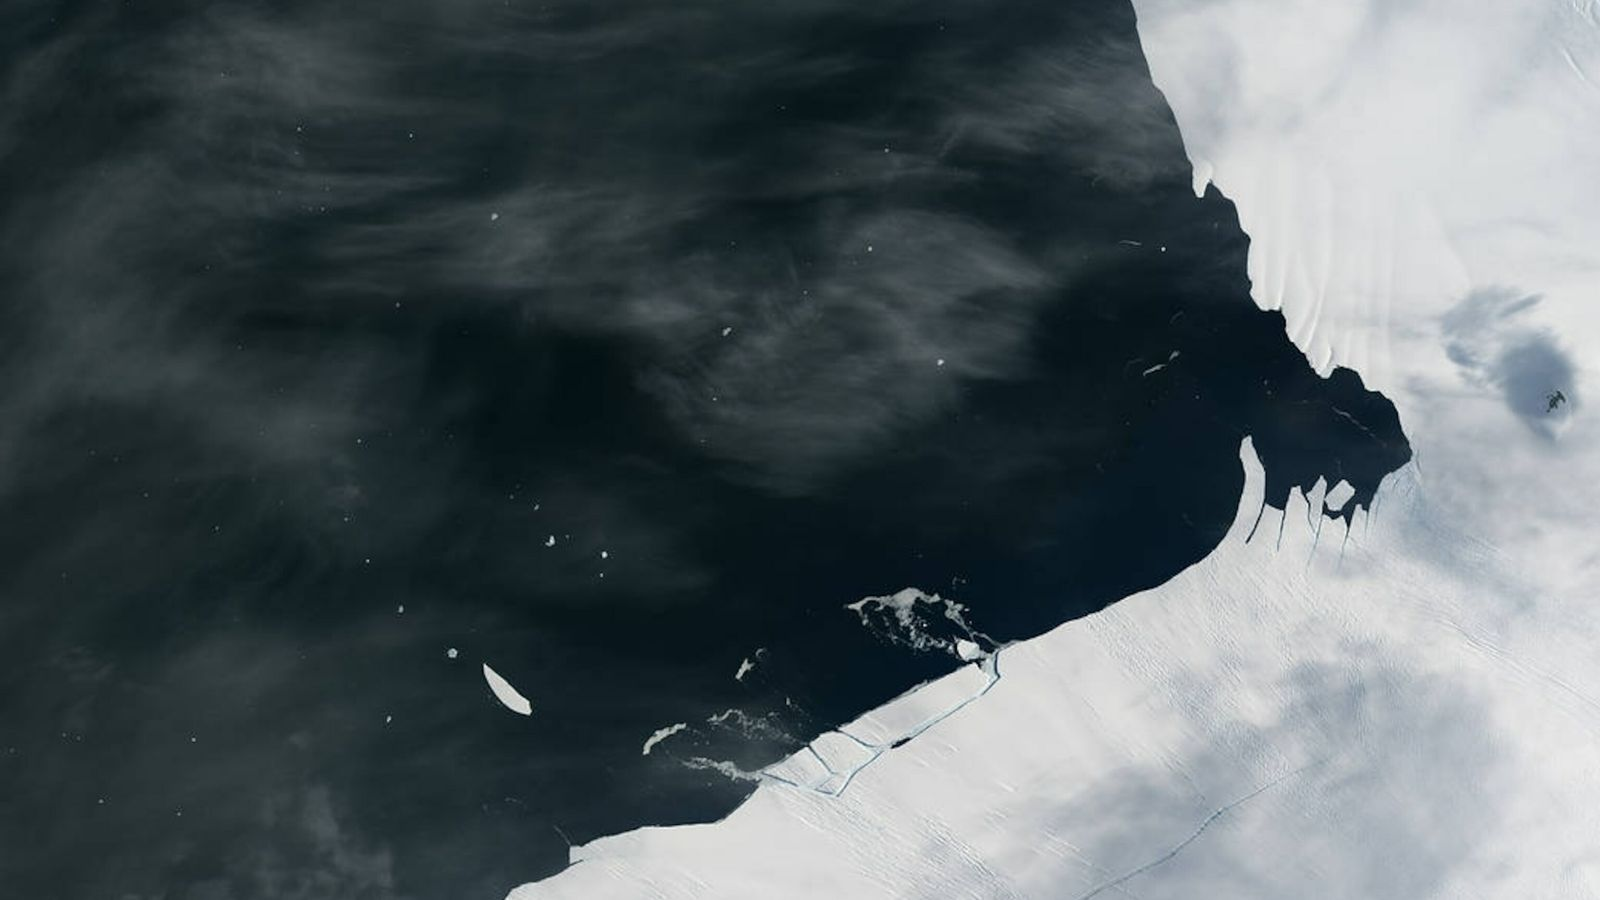 Fotografía de un bloque de hielo que se desprende del glaciar Isla Pine